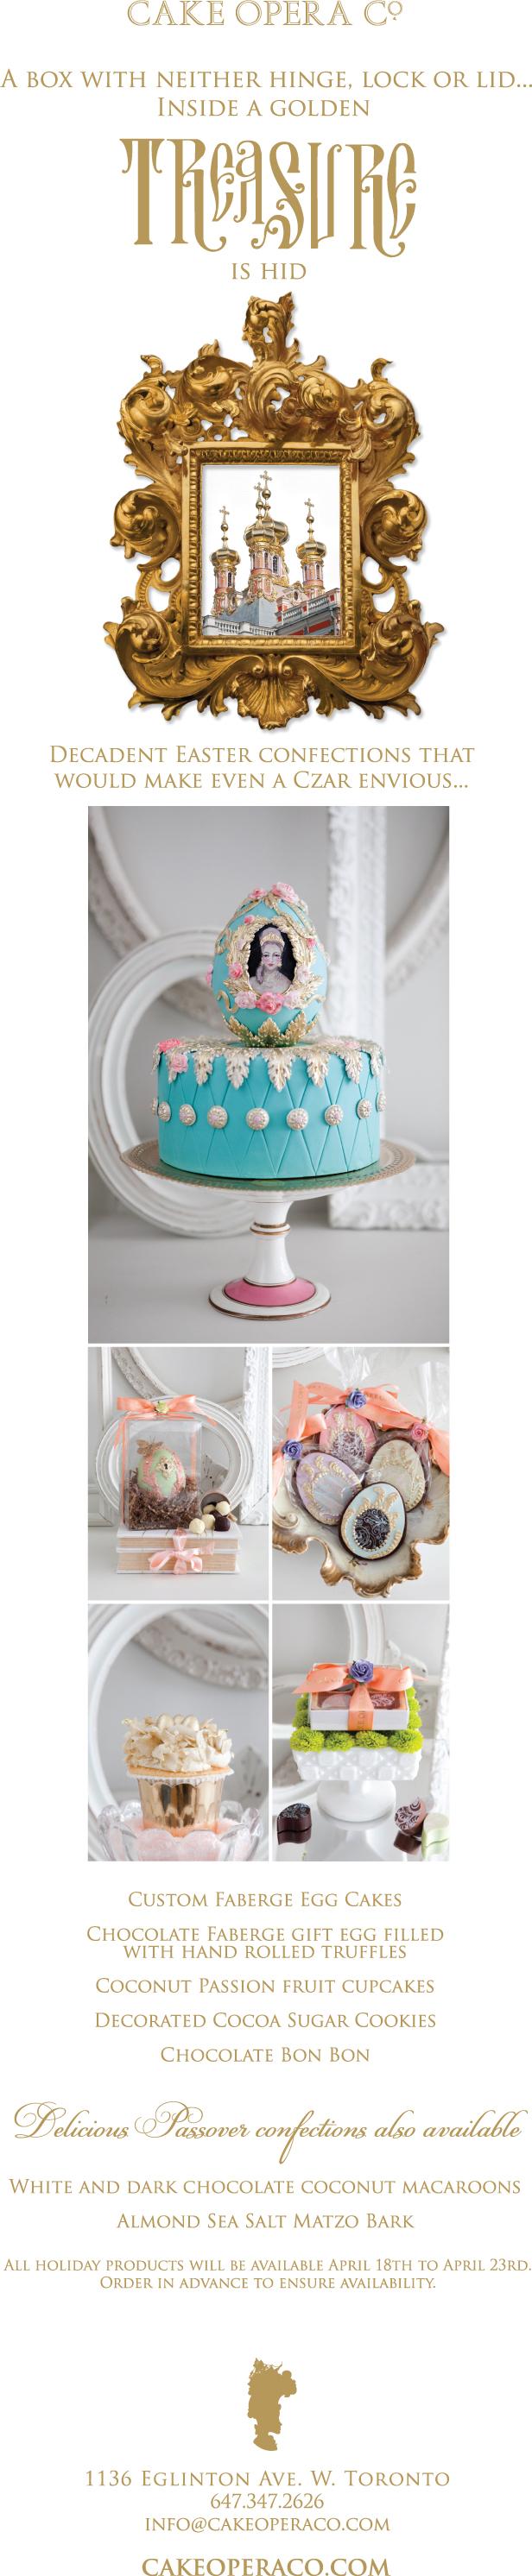 cake opera